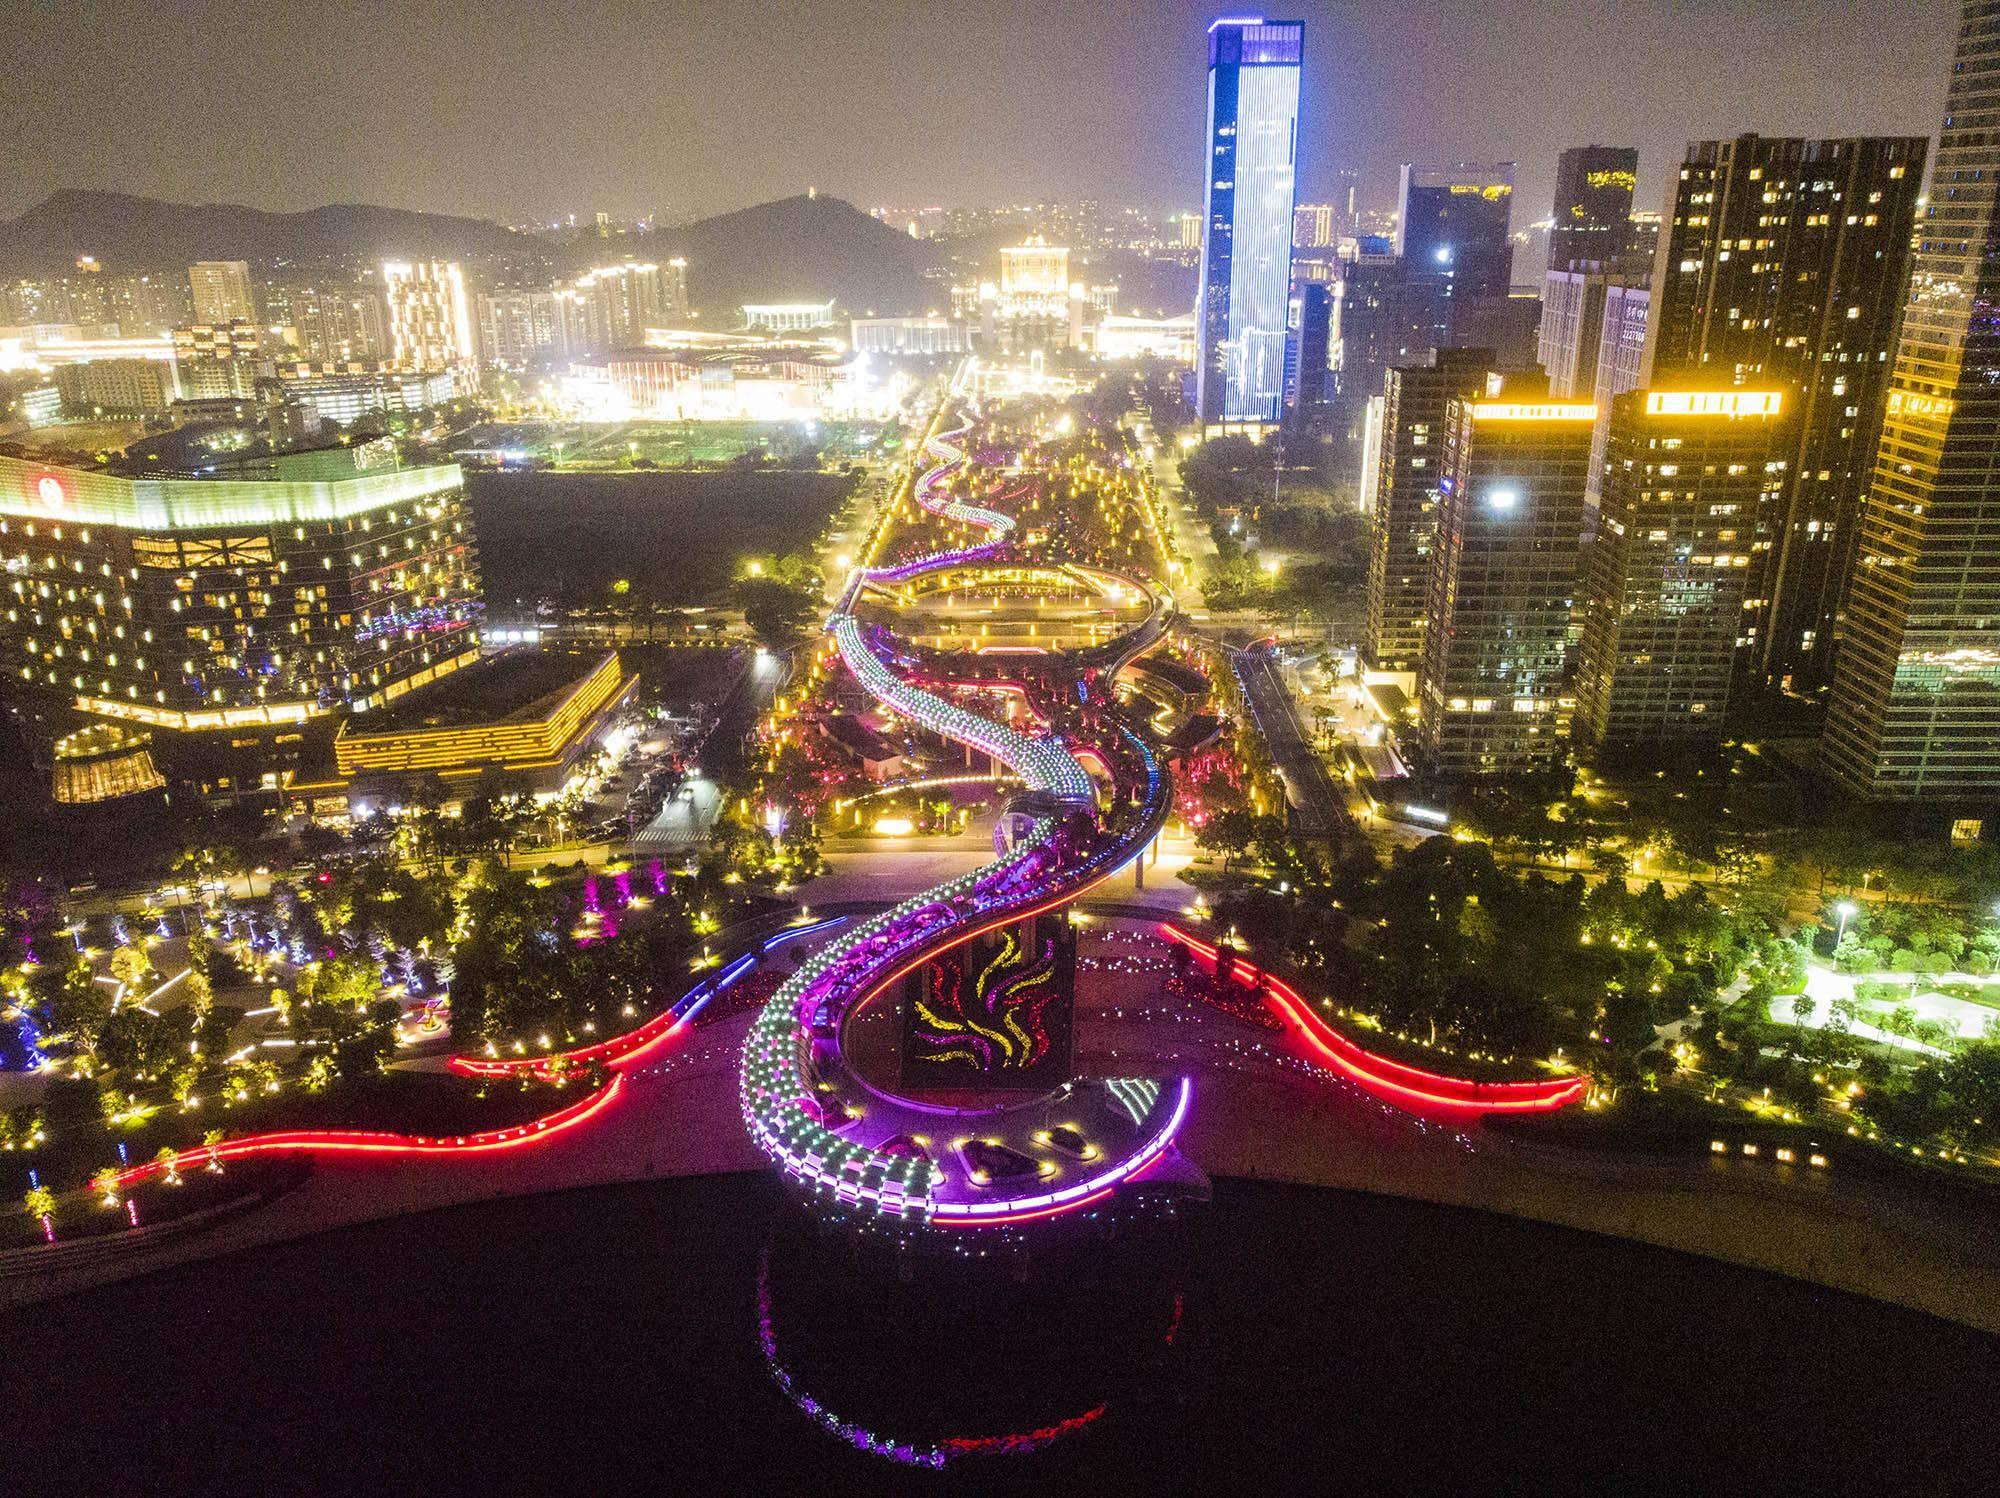 2025临沂GDP预计_广东 十四五 规划纲要发布 2025年GDP预计达到14万亿元